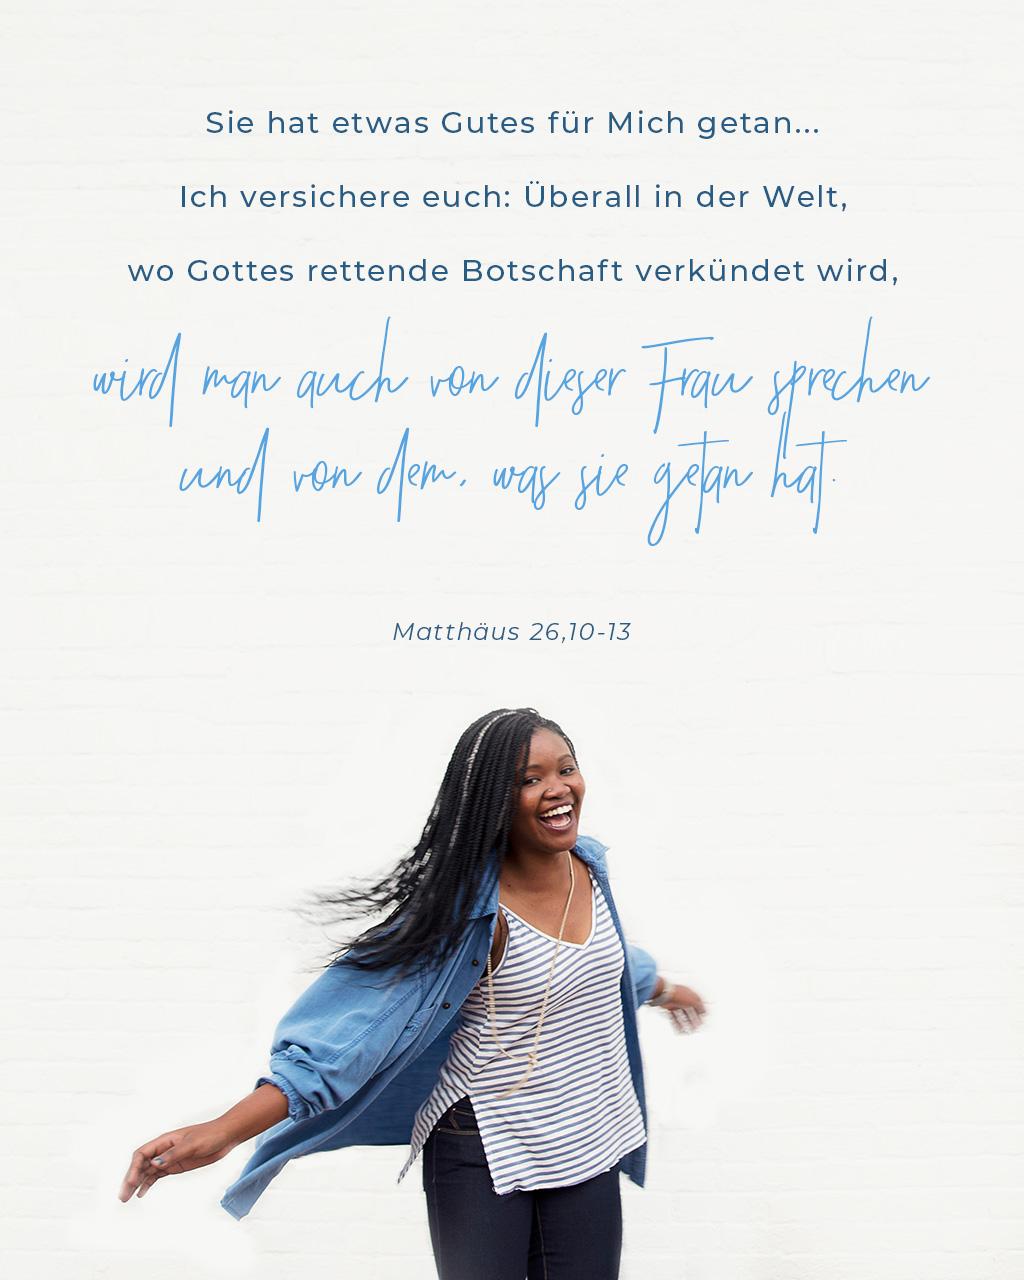 Versbild von Matthäus 26,10-13